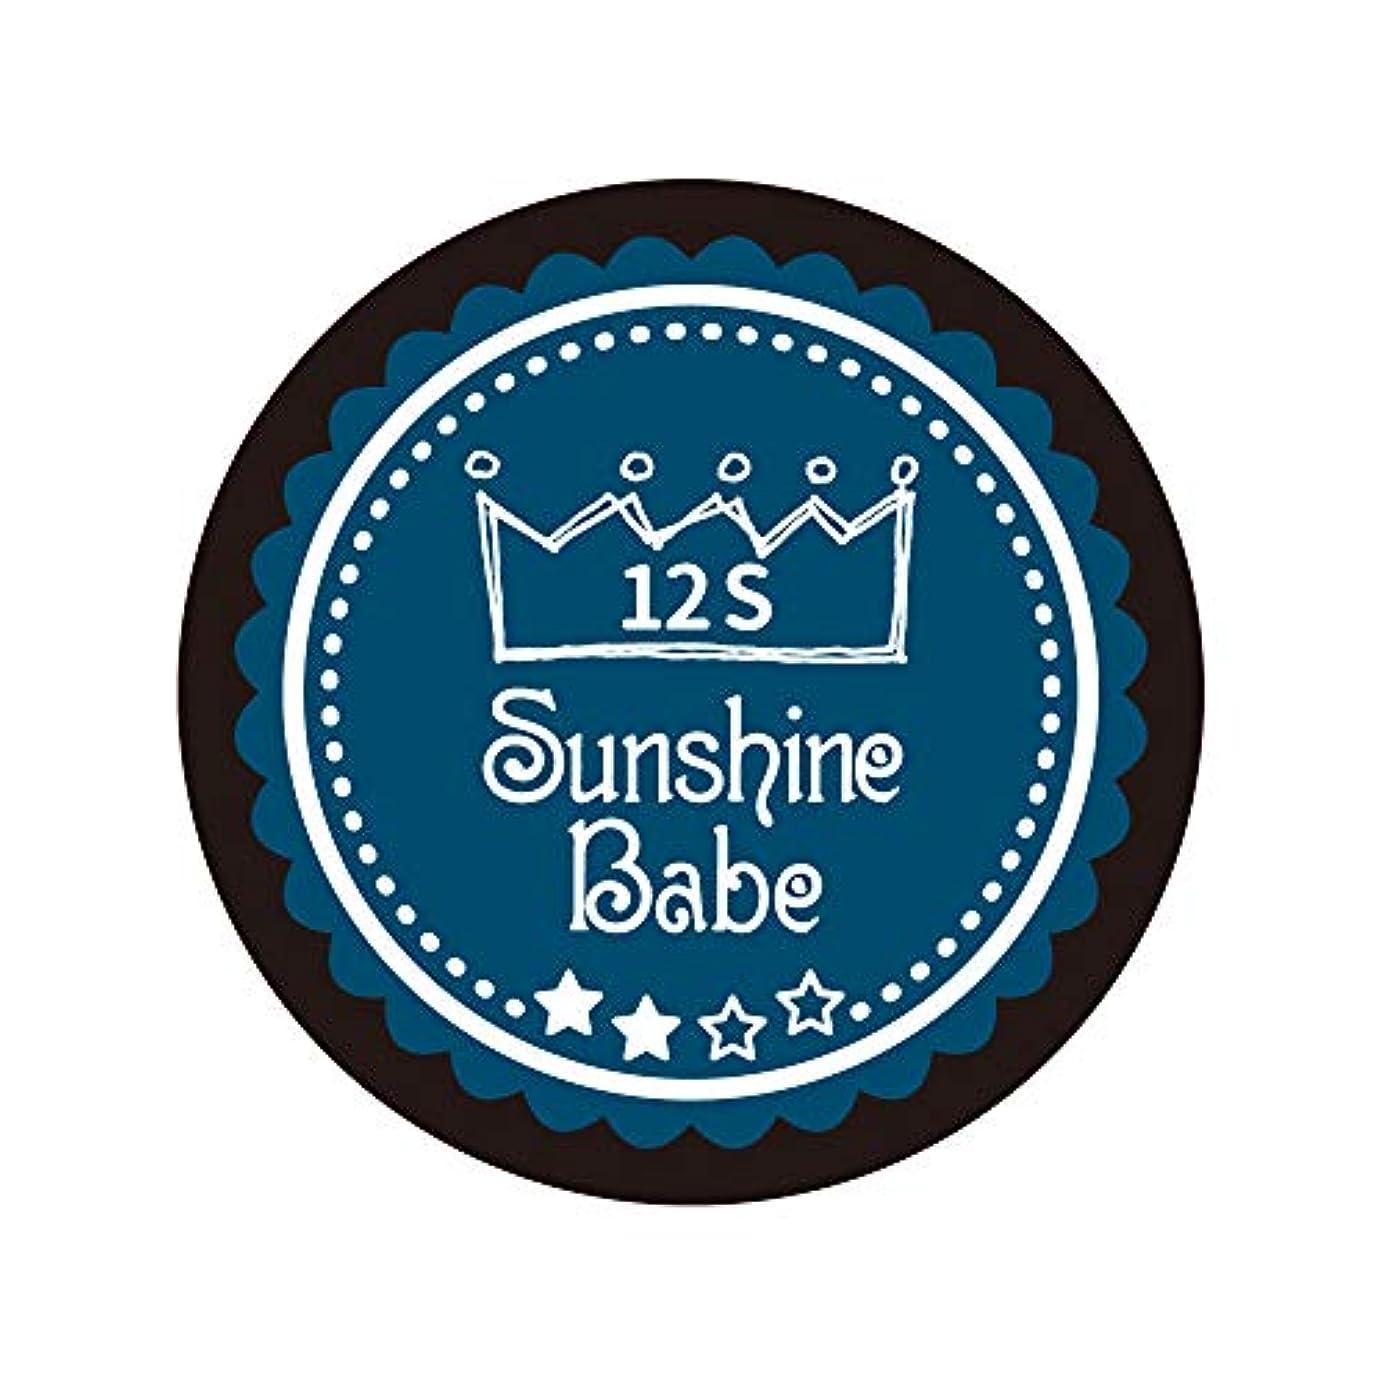 ダメージボックス比率Sunshine Babe カラージェル 12S セイラーブルー 2.7g UV/LED対応